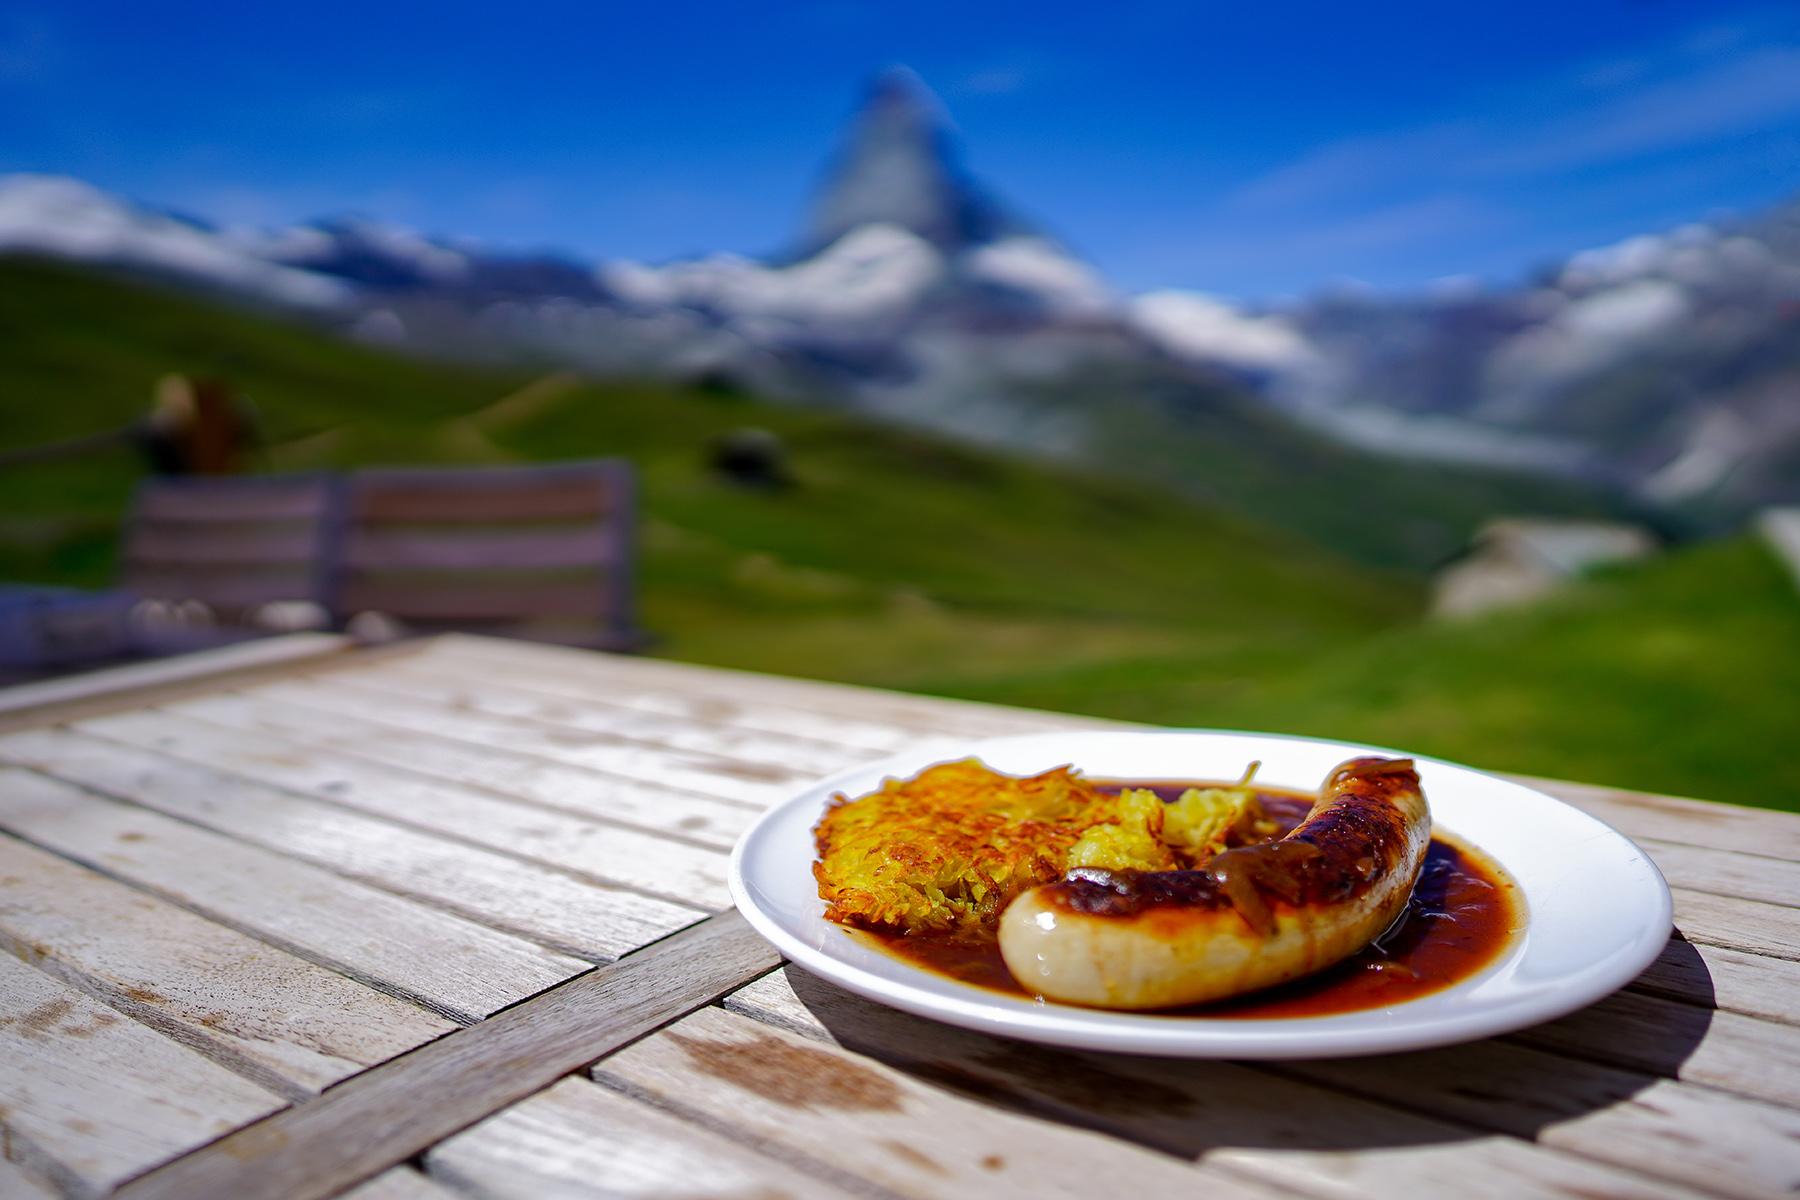 Rösti with sausage